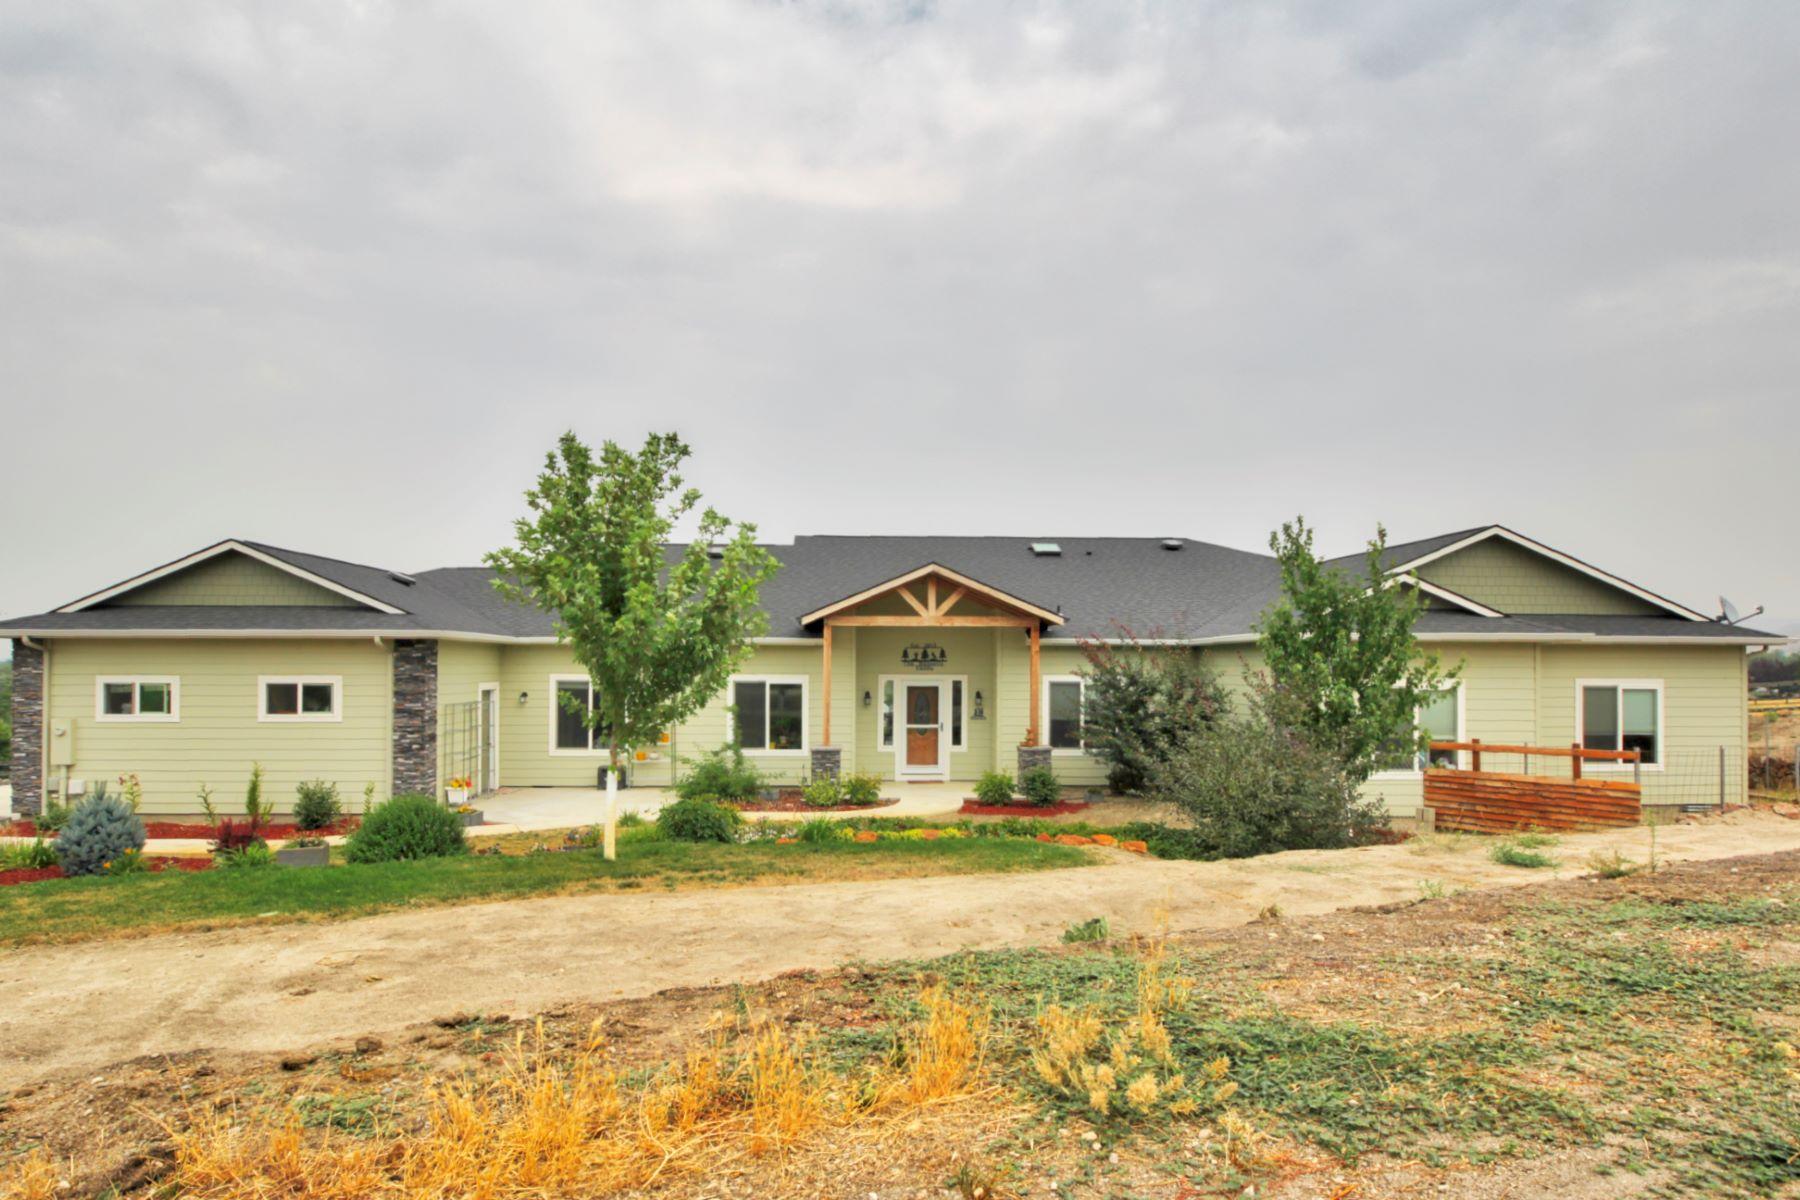 Частный односемейный дом для того Продажа на 4200 Rocky Point Lane, Emmett 4200 Rocky Point Ln Emmett, Айдахо, 83617 Соединенные Штаты